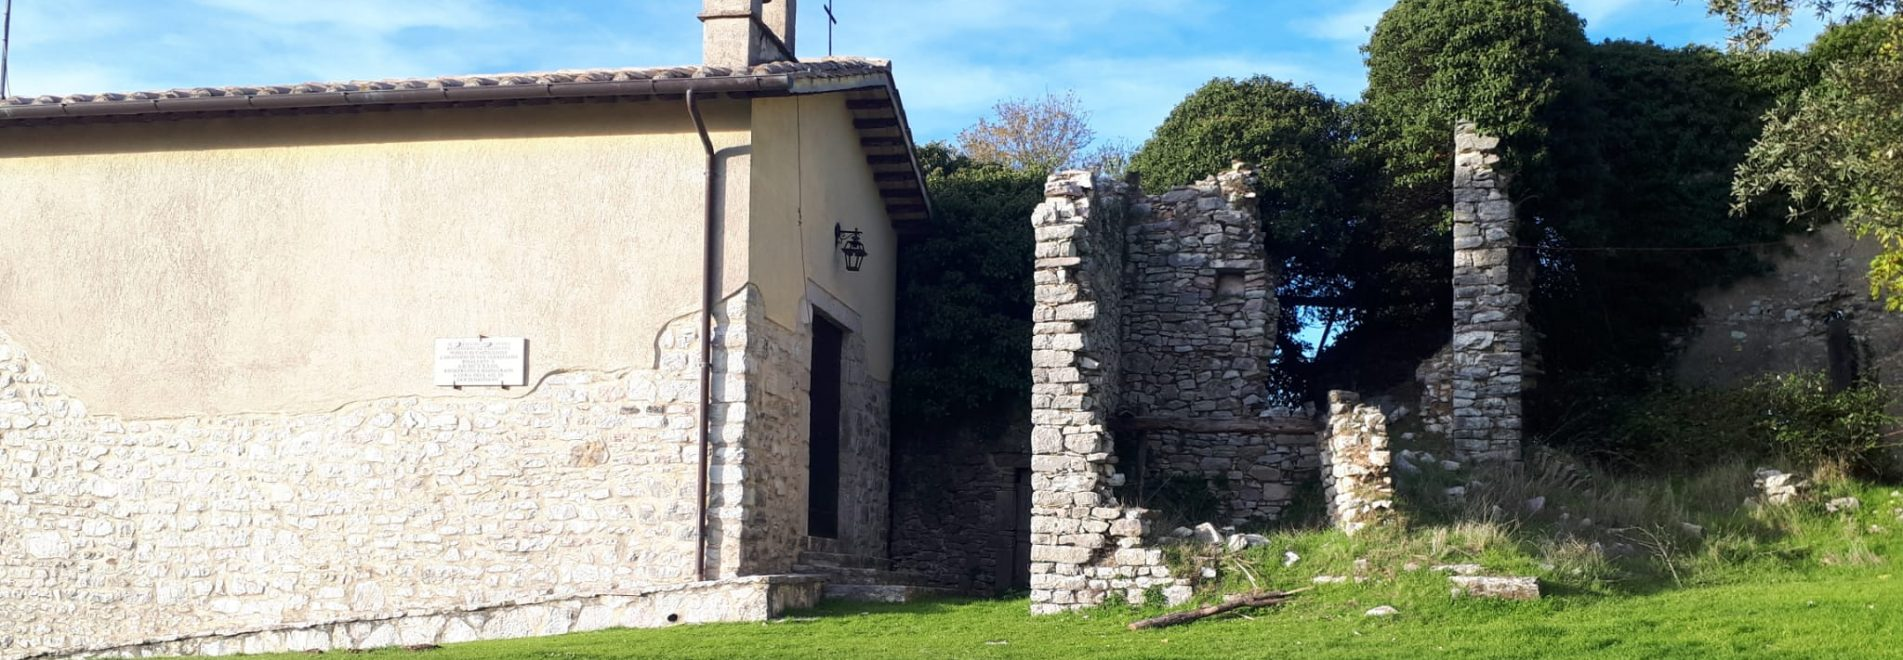 Castiglione in Sabina